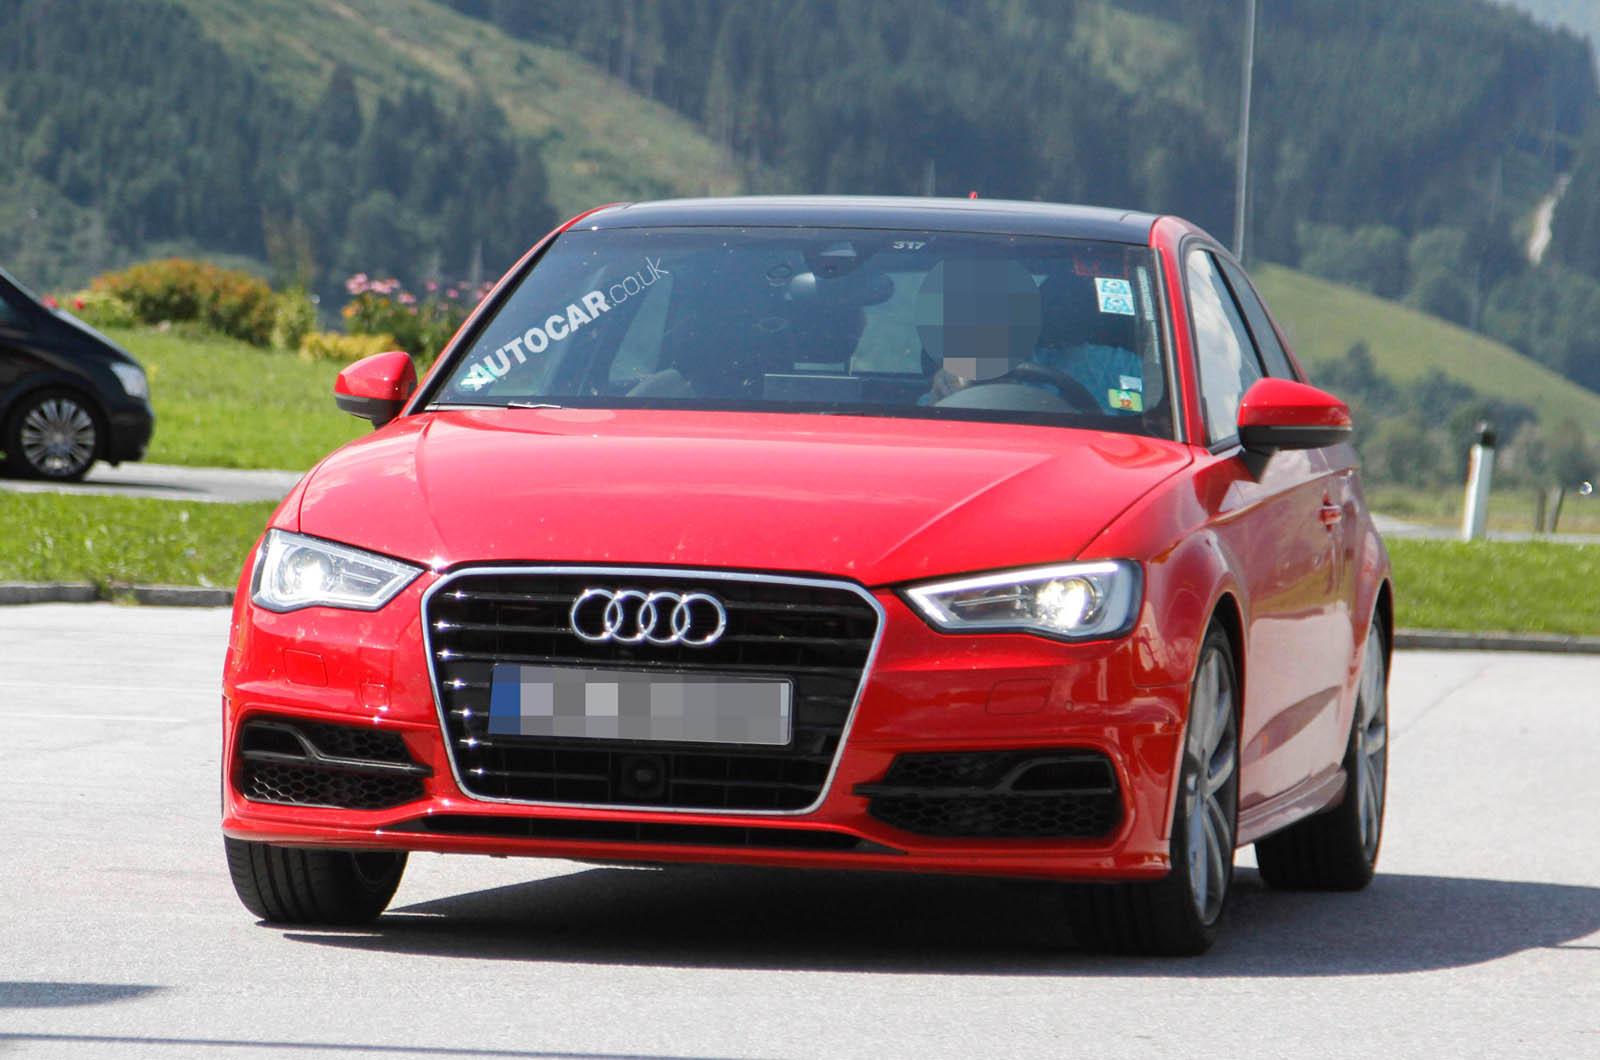 Audi S3 - Poze Spion - Audi S3 - Poze Spion